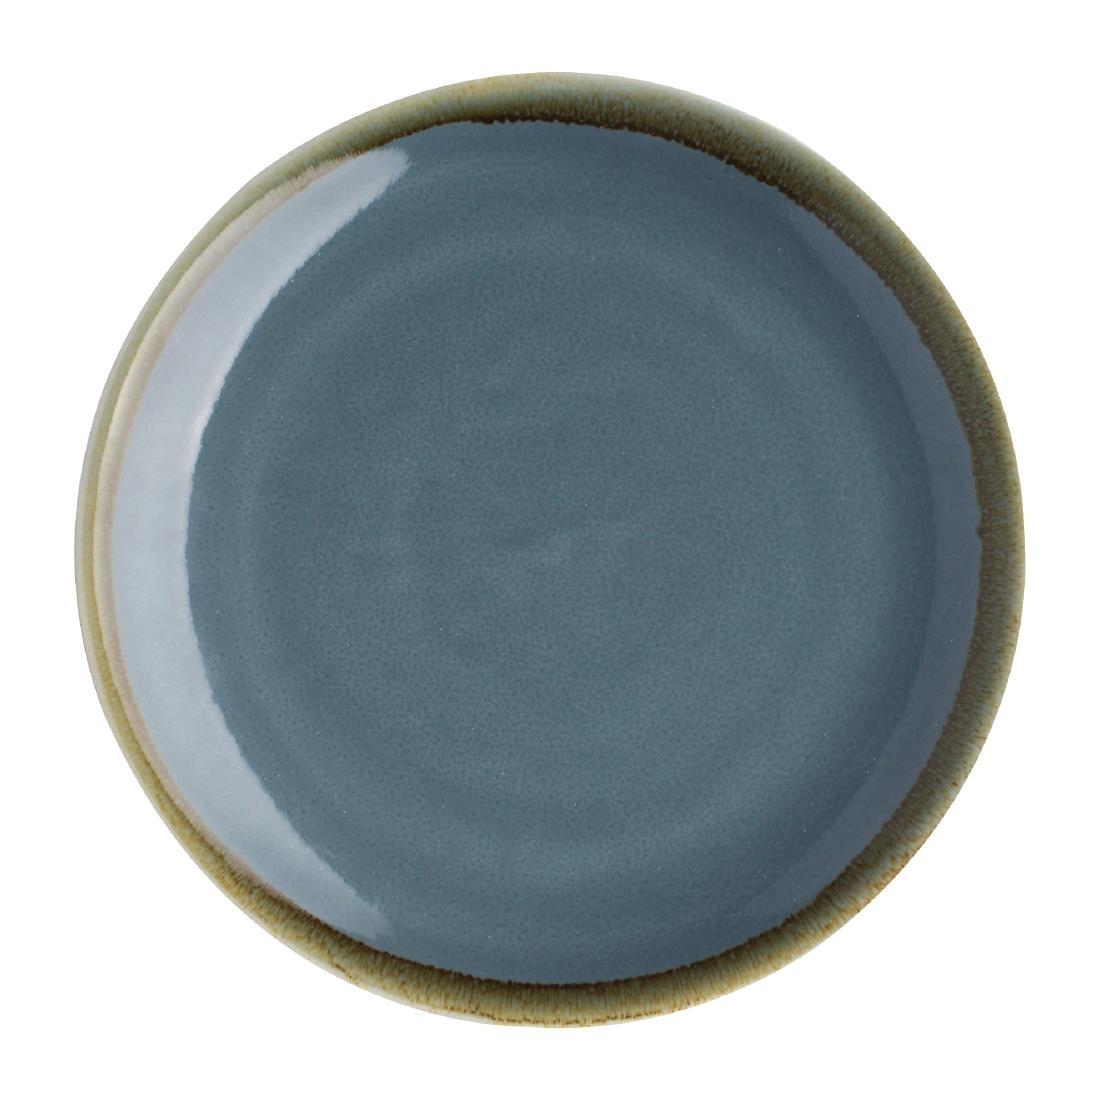 Assiette plate ronde couleur océan Kiln Olympia 230mm lot de 6